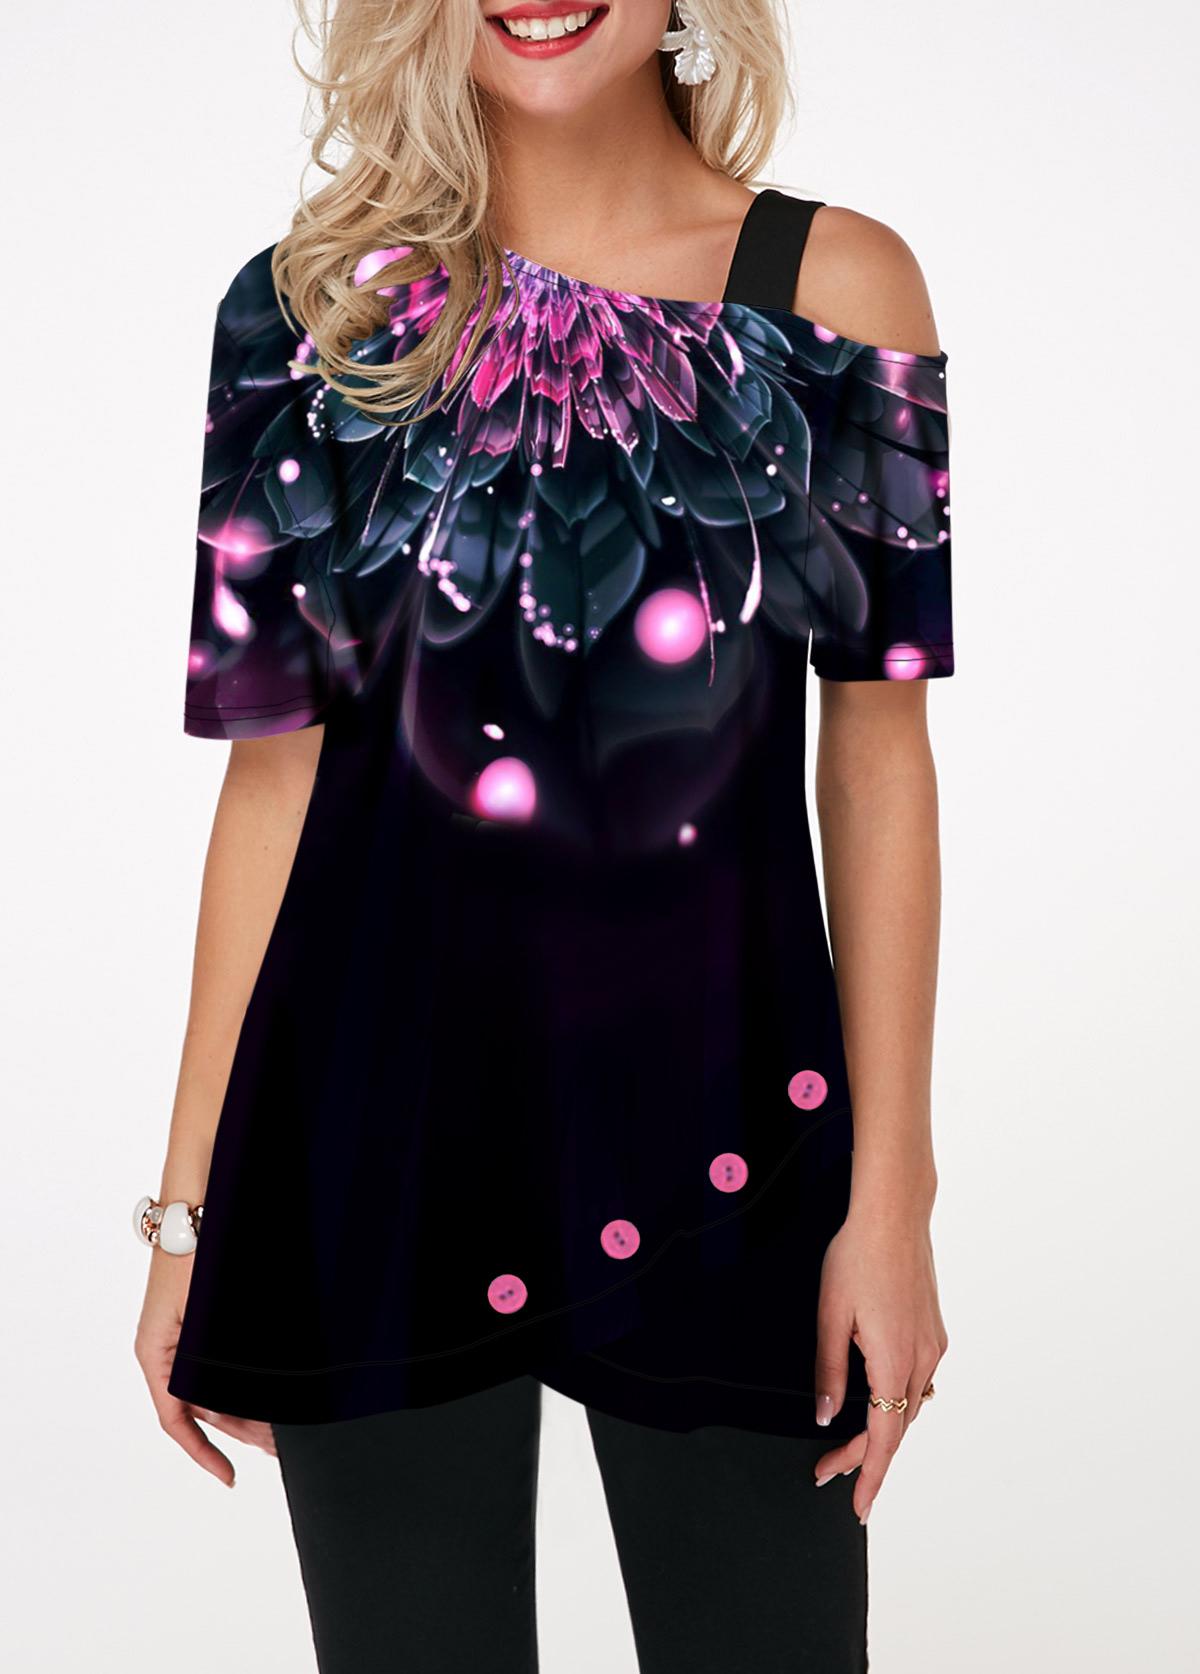 Dazzle Color Floral Print Short Sleeve T Shirt